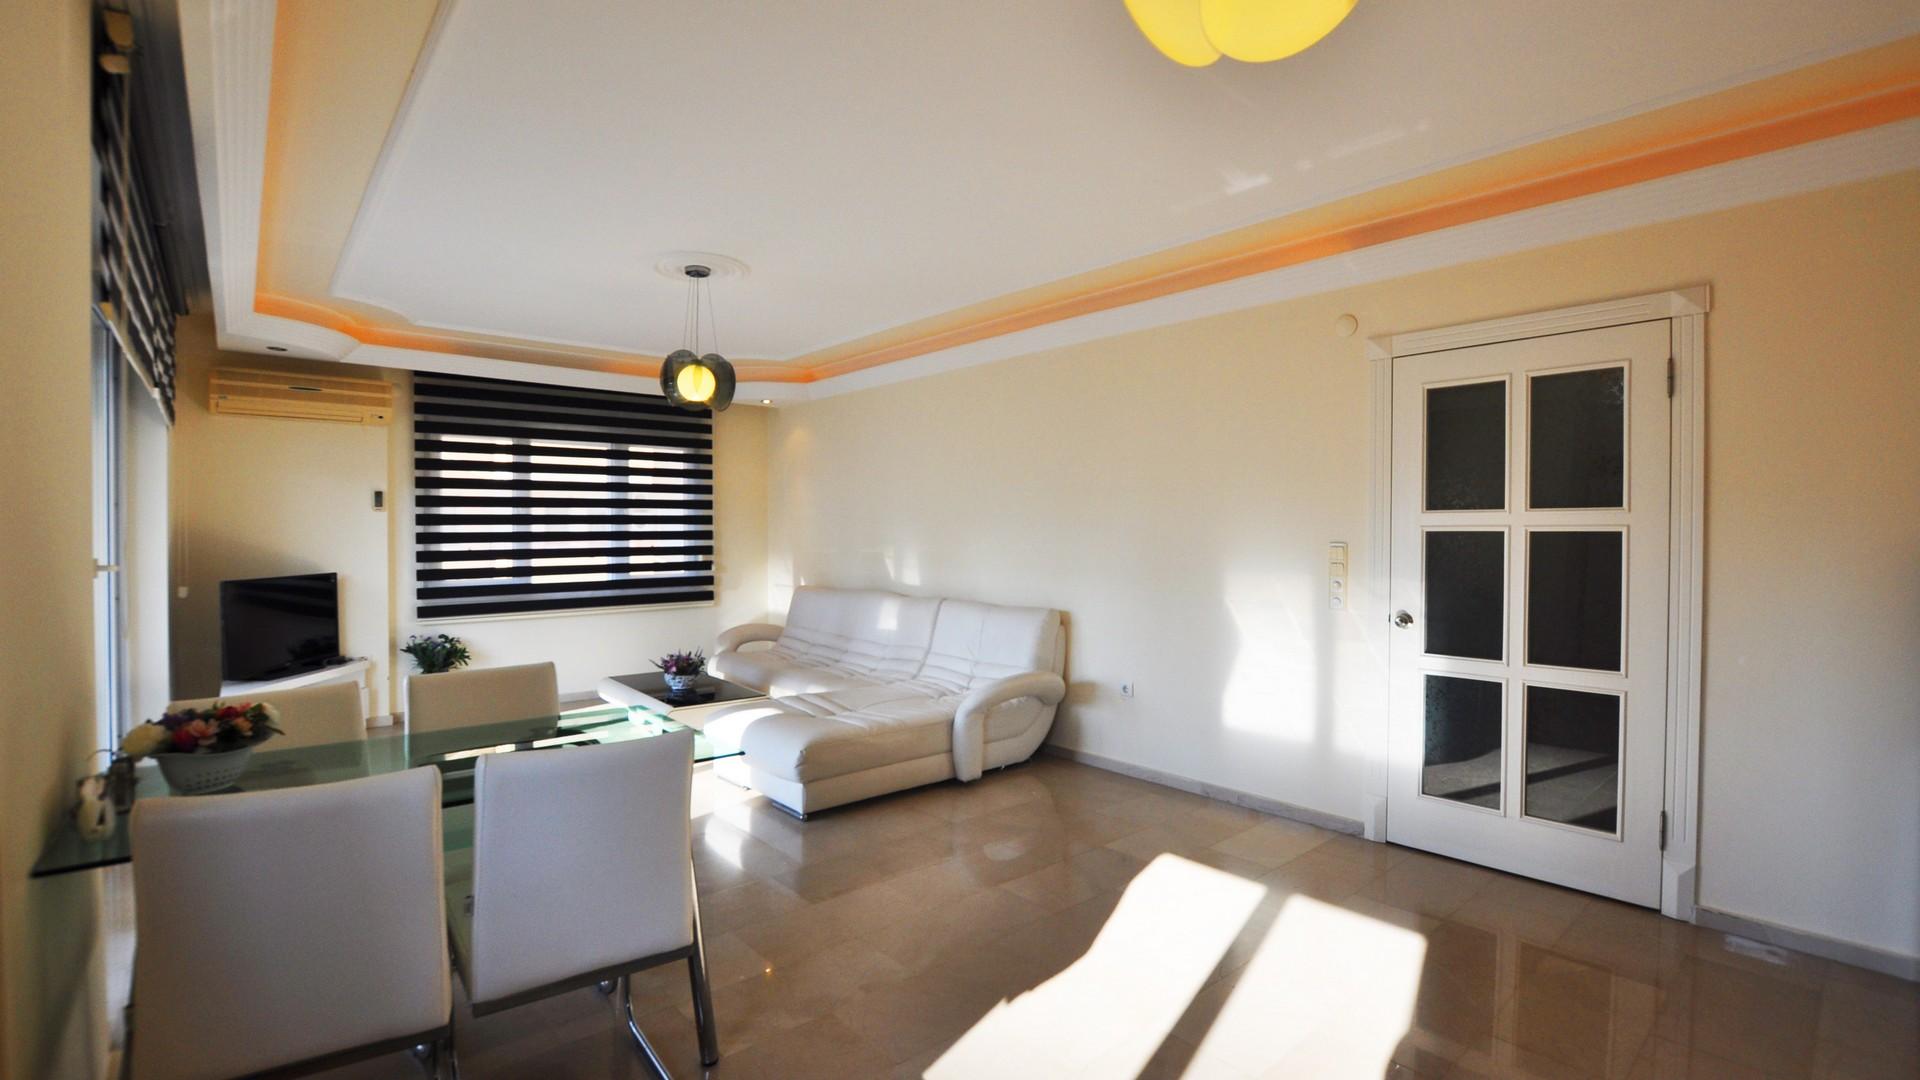 Меблированные апартаменты в Махмутлар - Фото 14